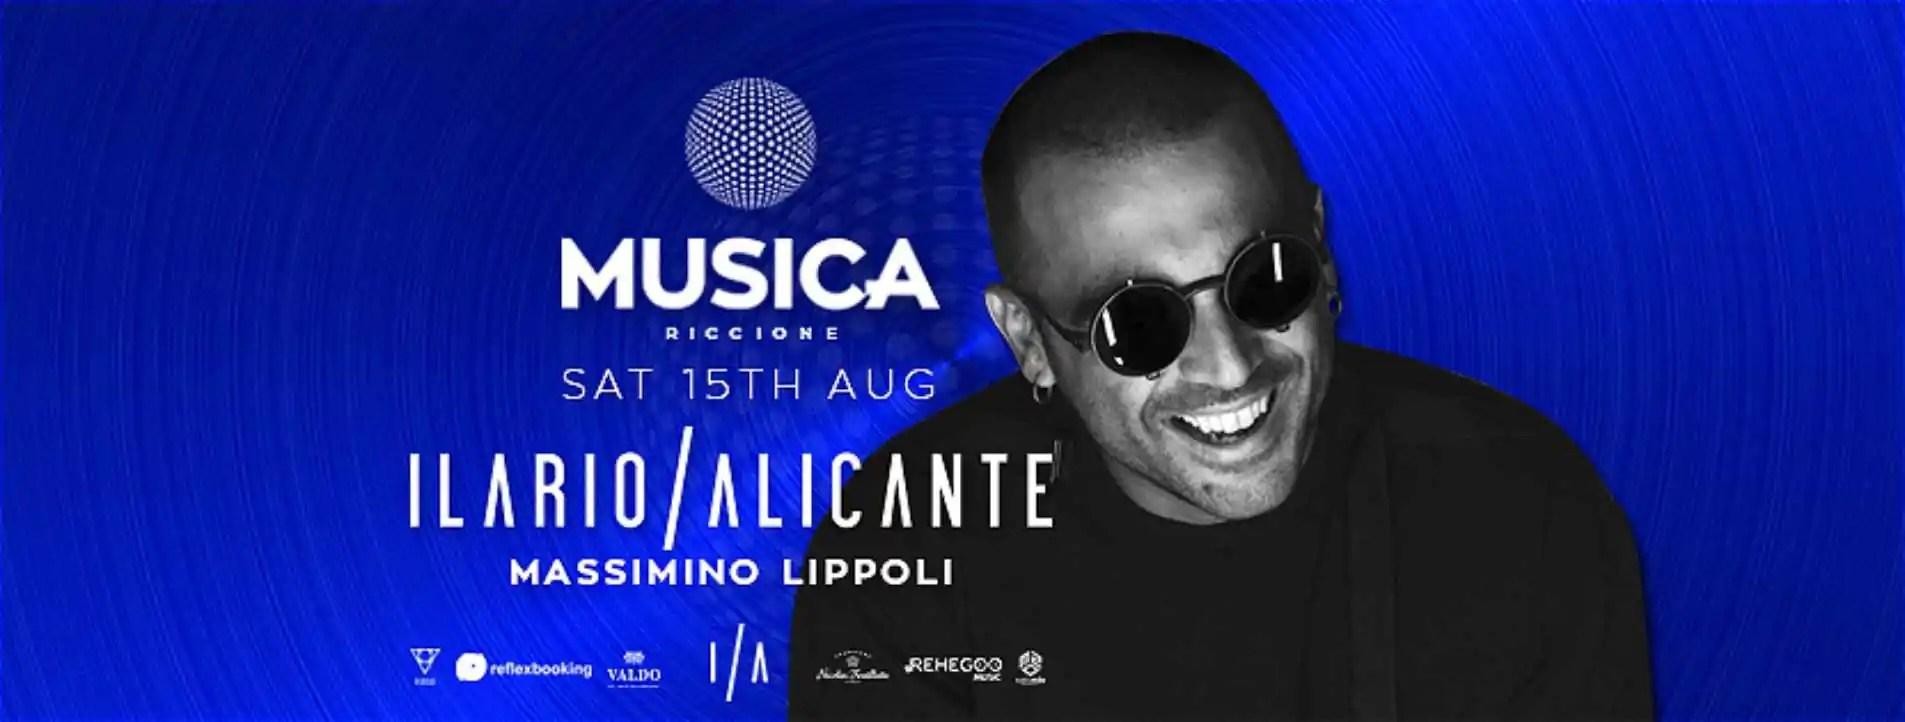 Ilario Alicante Musica Riccione